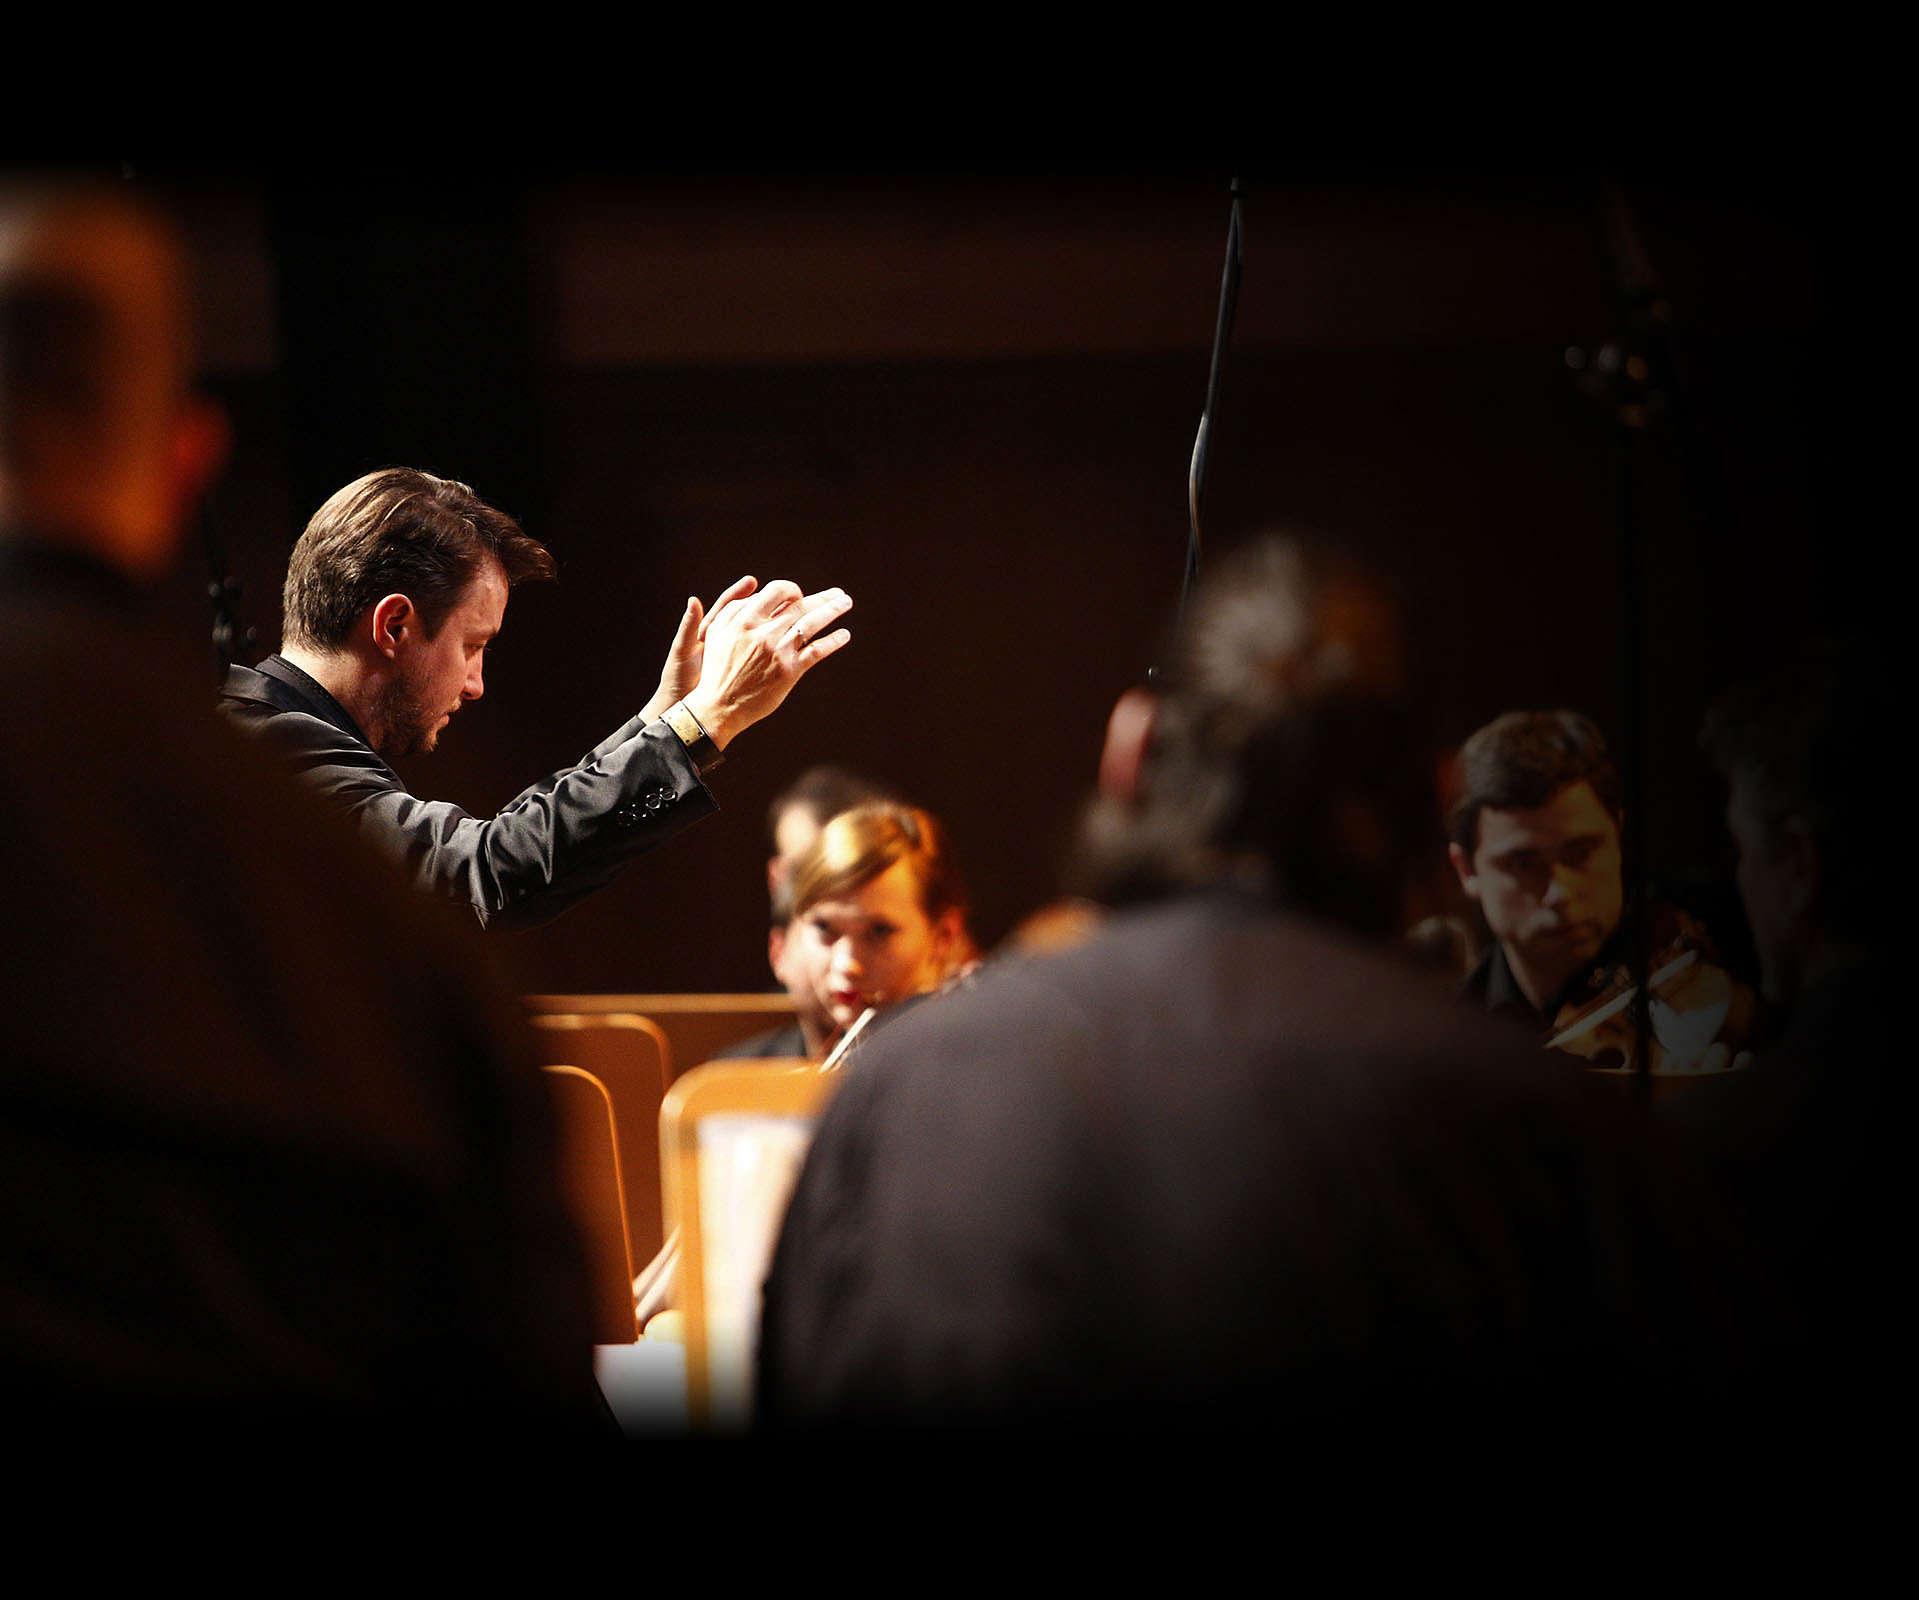 World Orchestra - projekt bez granic. Wywiad z Grzechem Piotrowskim